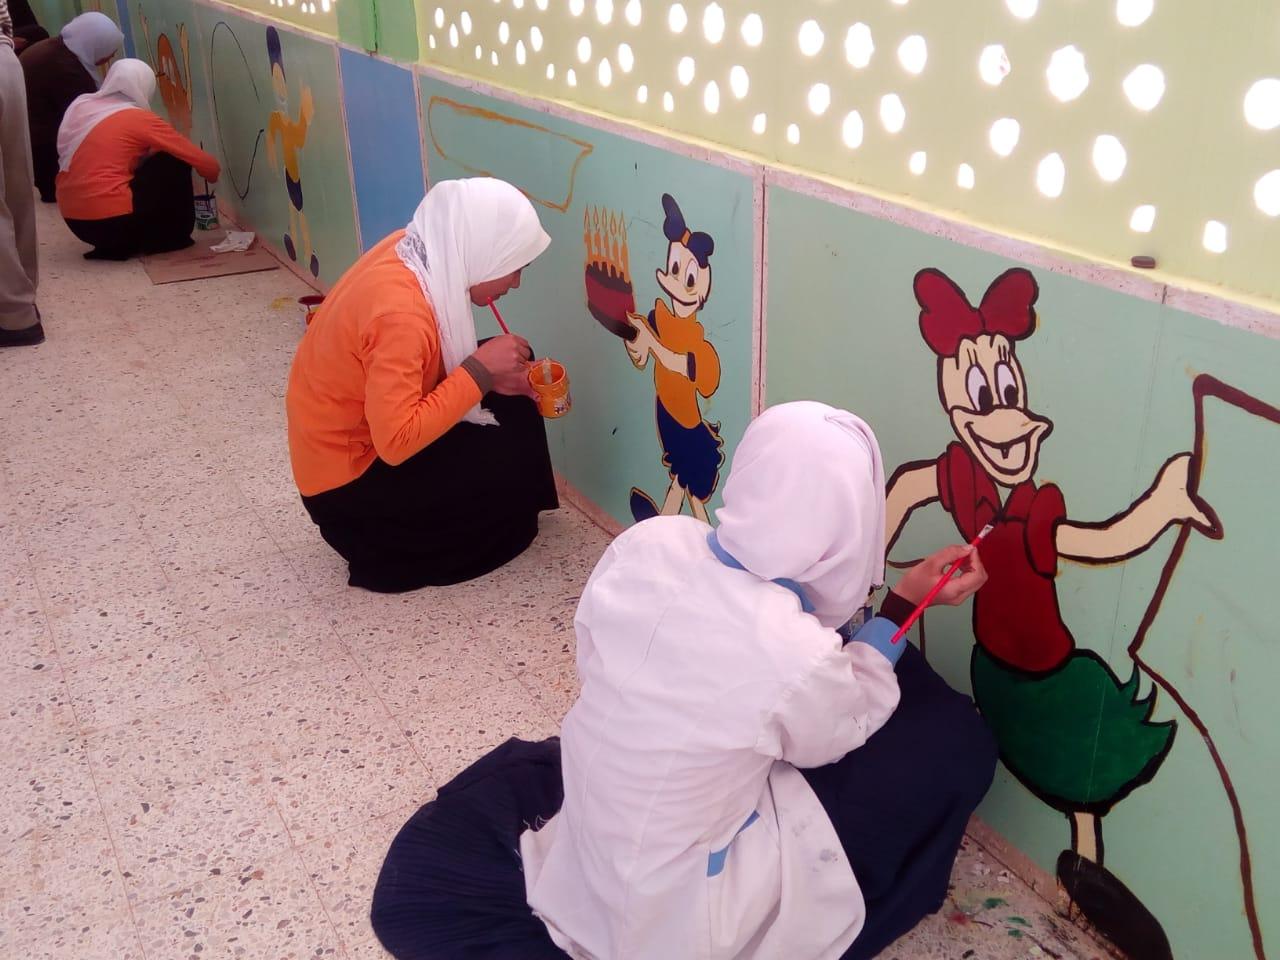 طالبات مدرسة موط الفنية ينفذن مبادرة تجميل أسوار المدارس بلوحات جدارية (4)